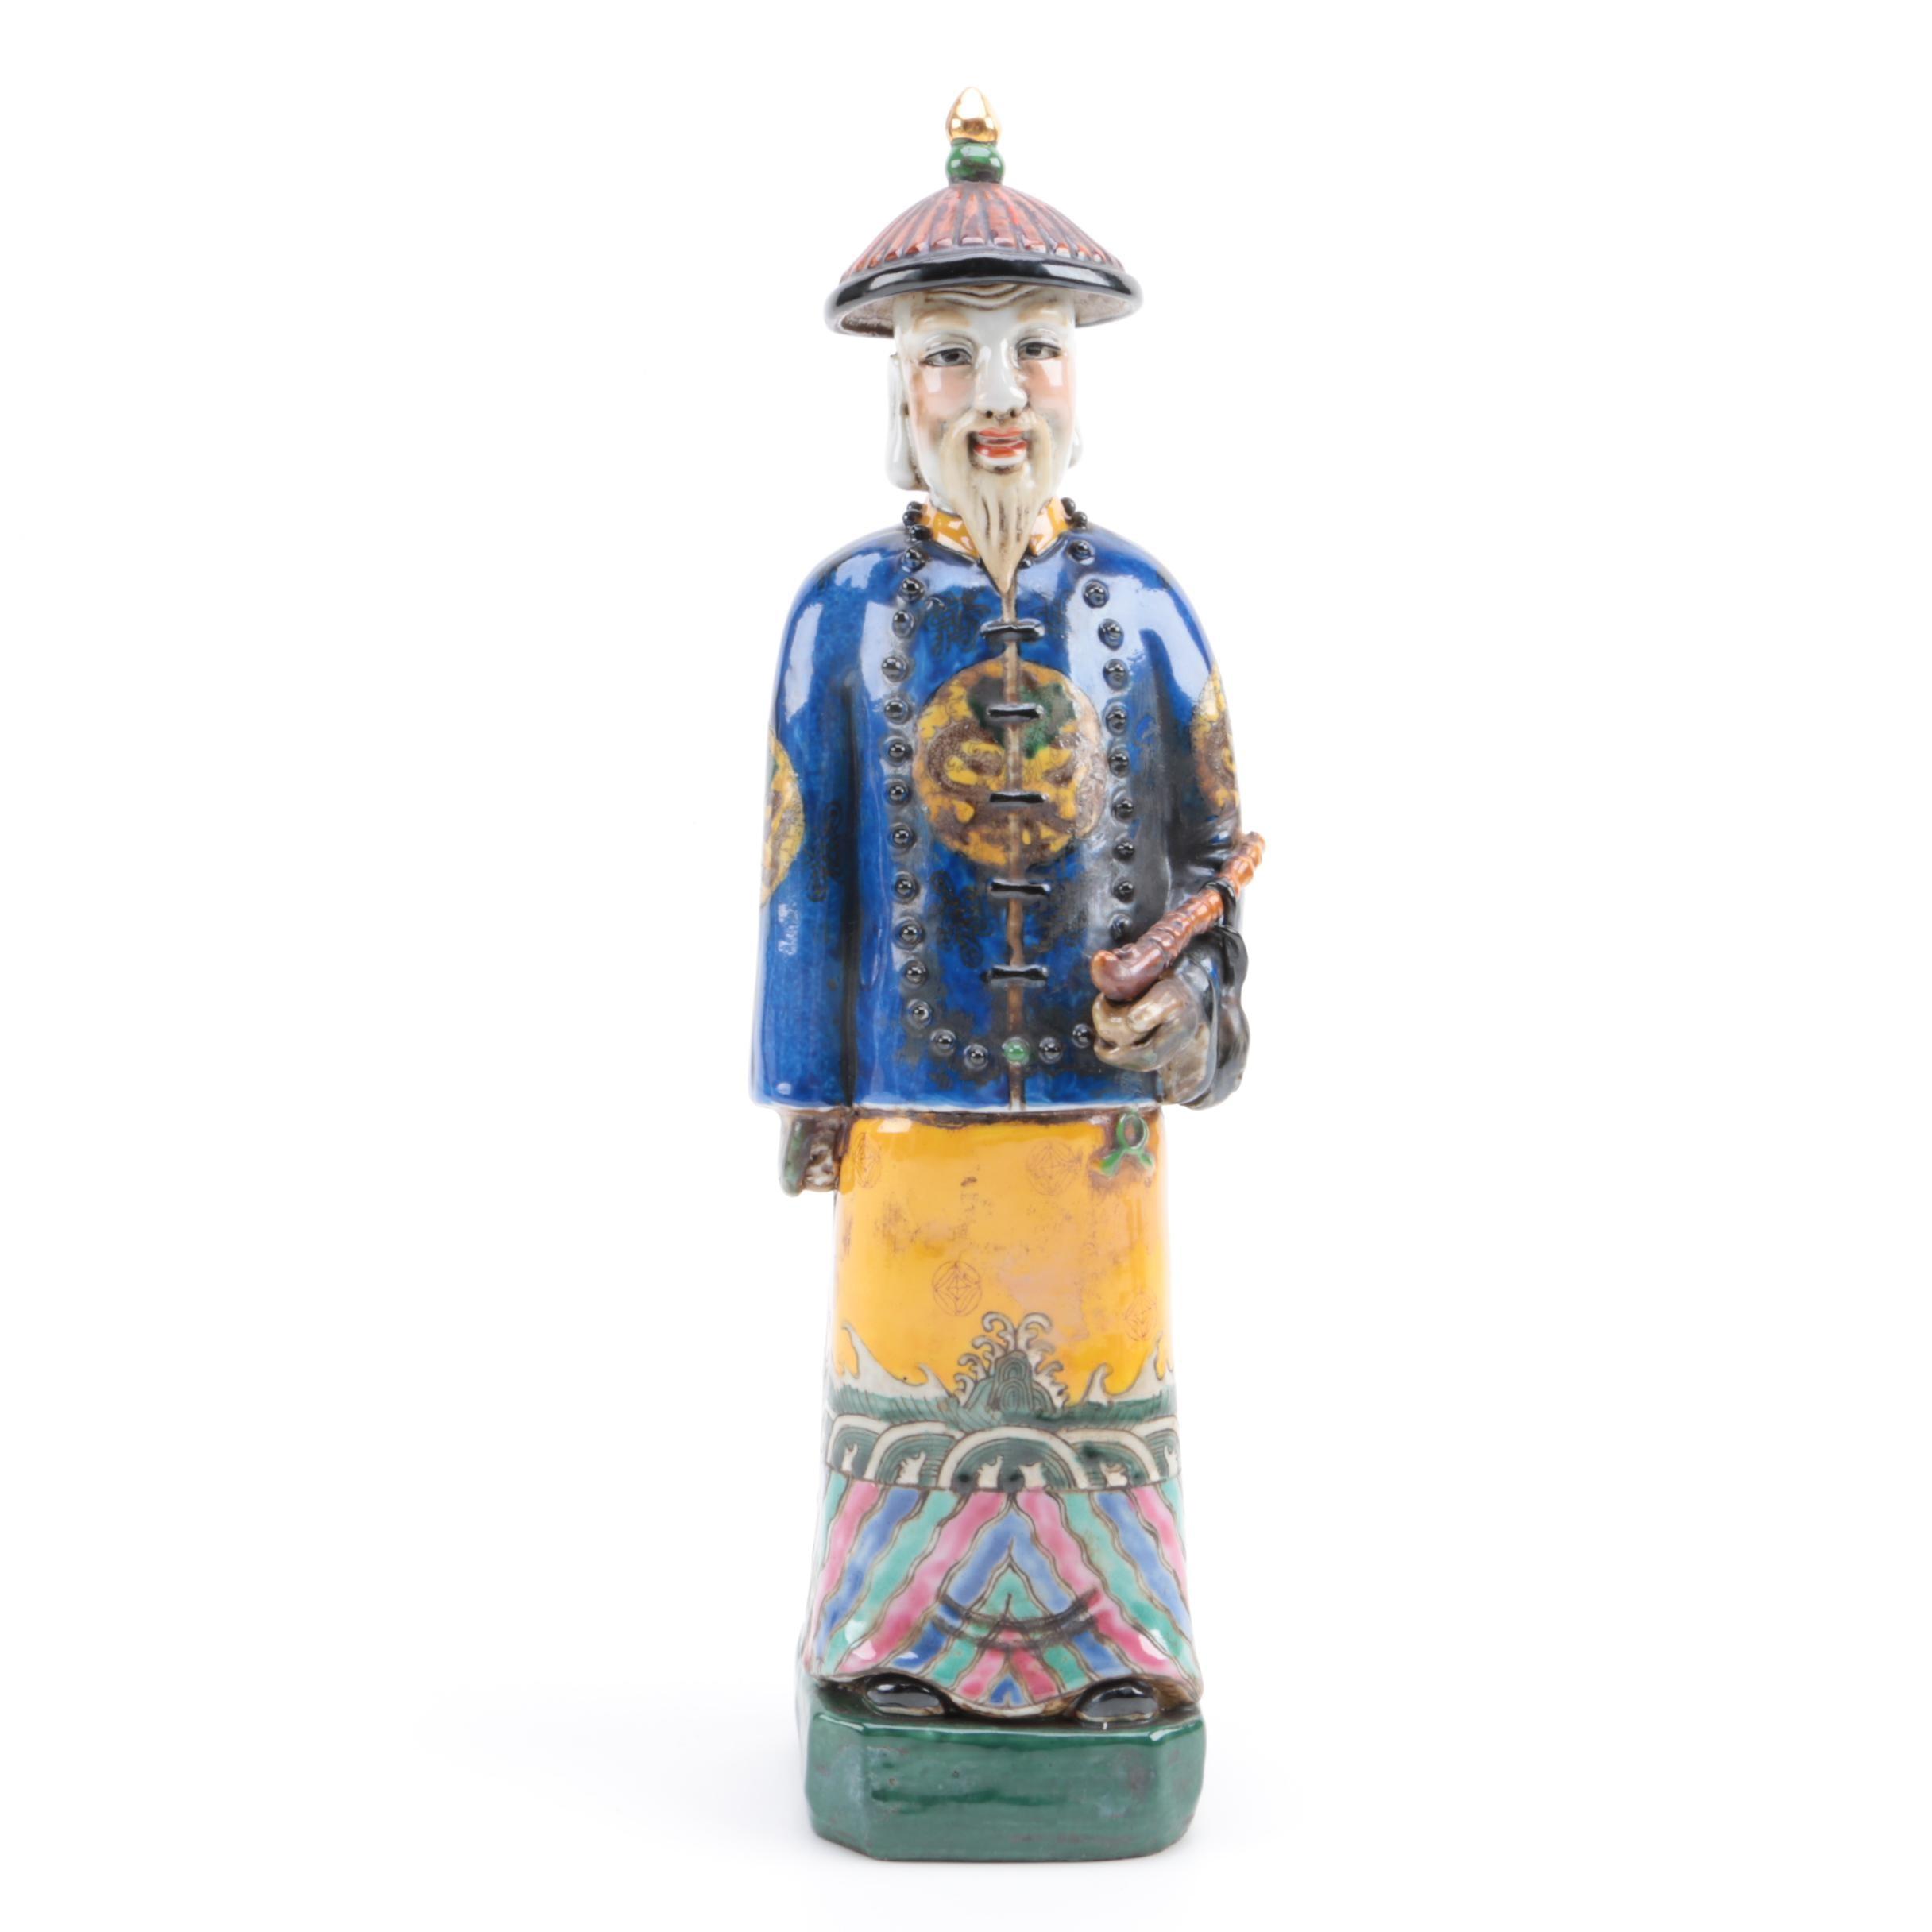 Chinese Ceramic Statue